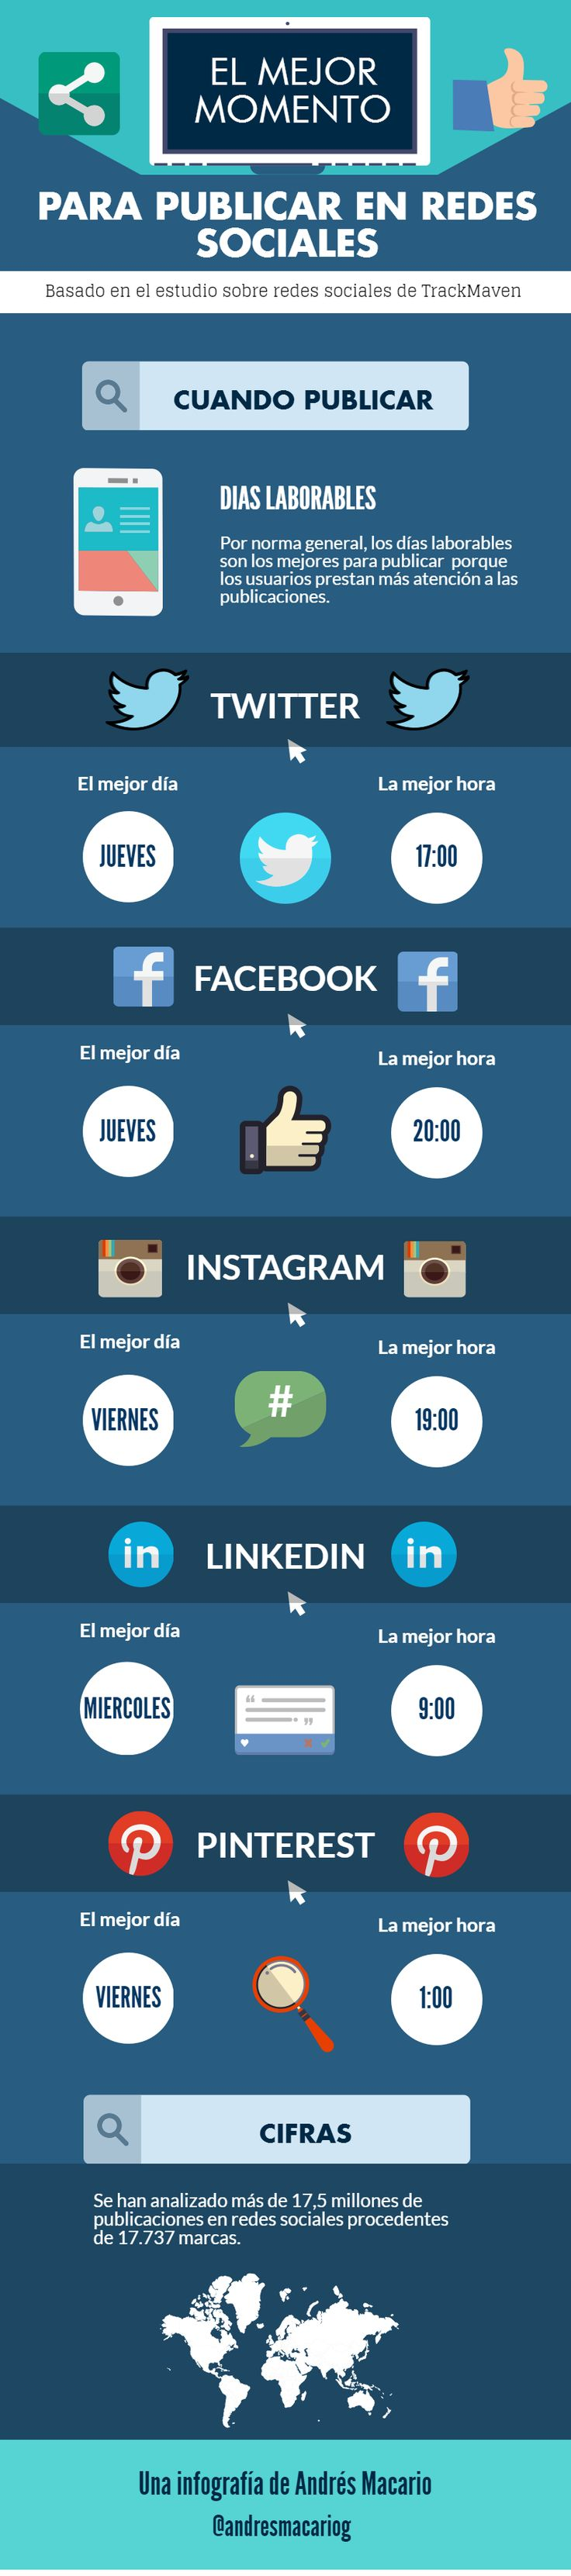 El mejor momento para publicar en redes sociales - Infografia Andres Macario